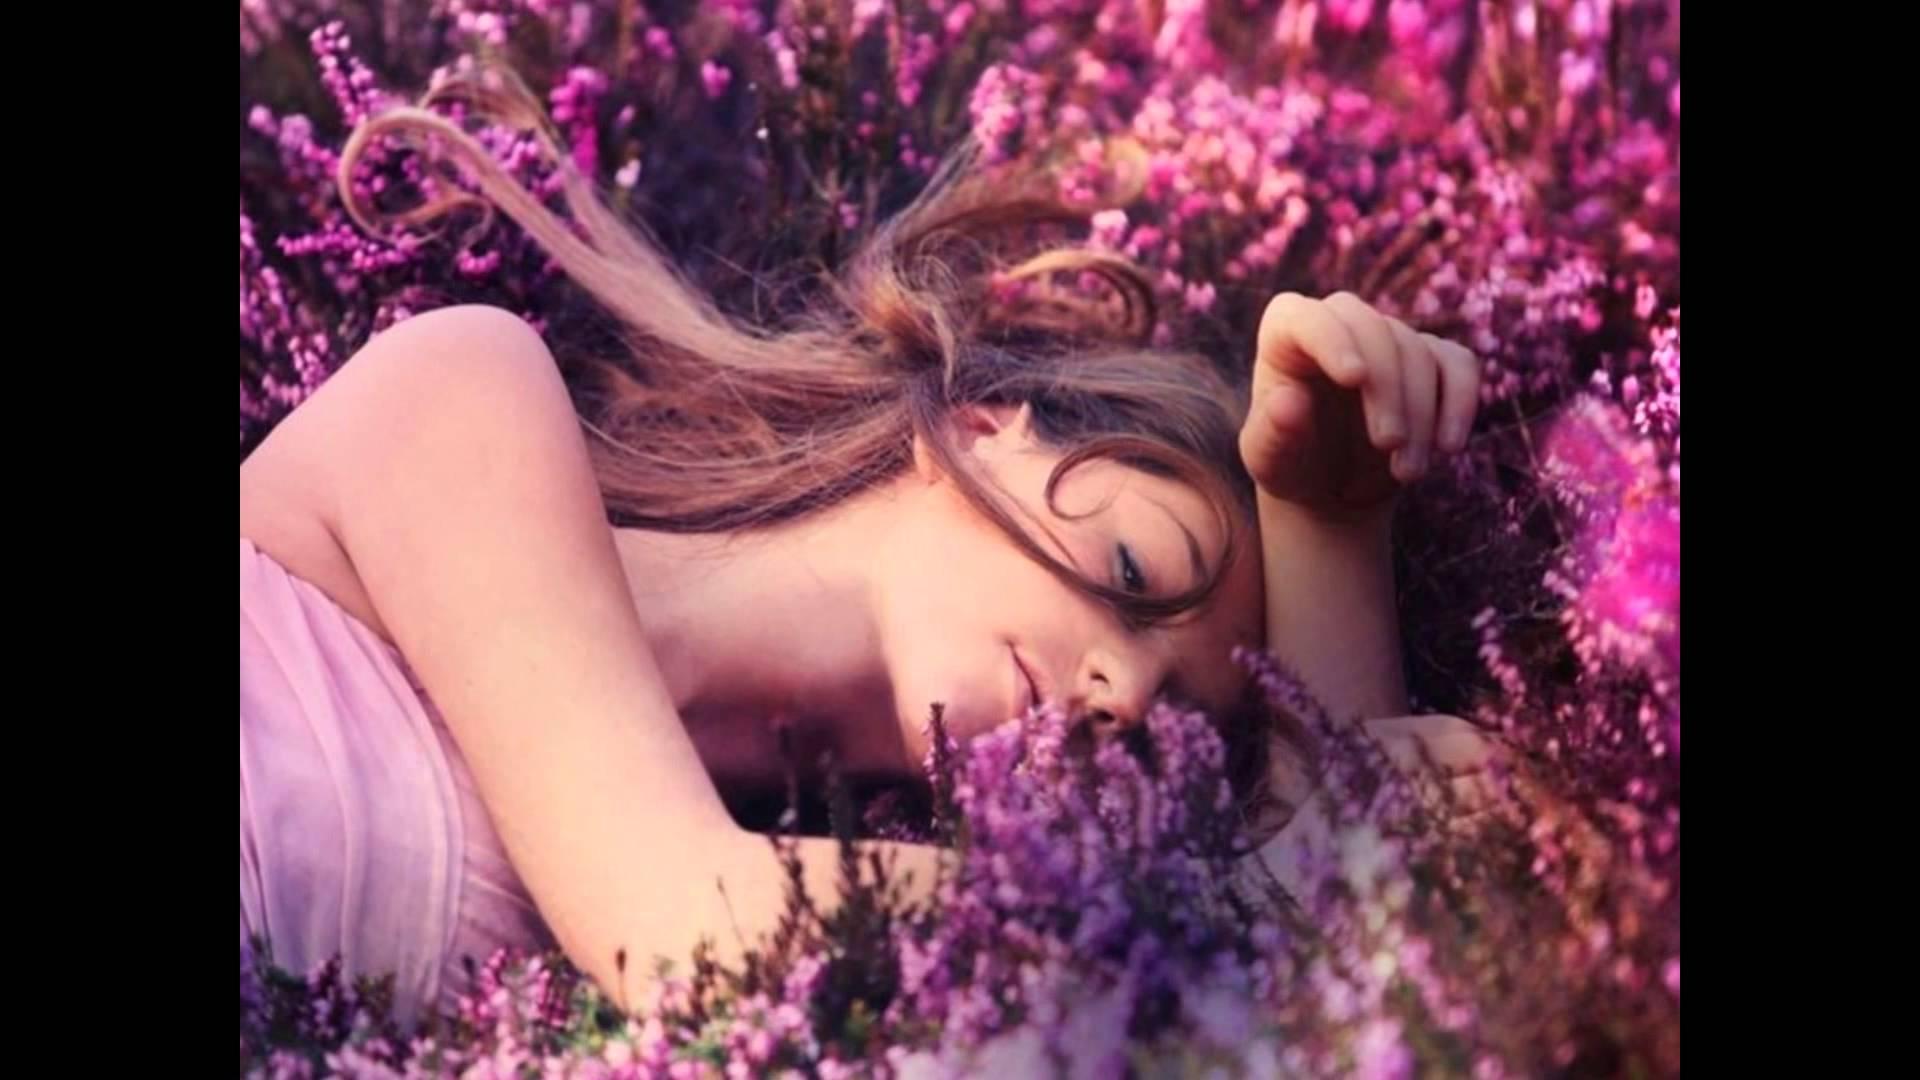 Смотреть с онлайн бесплатно с красивыми женщинами 10 фотография